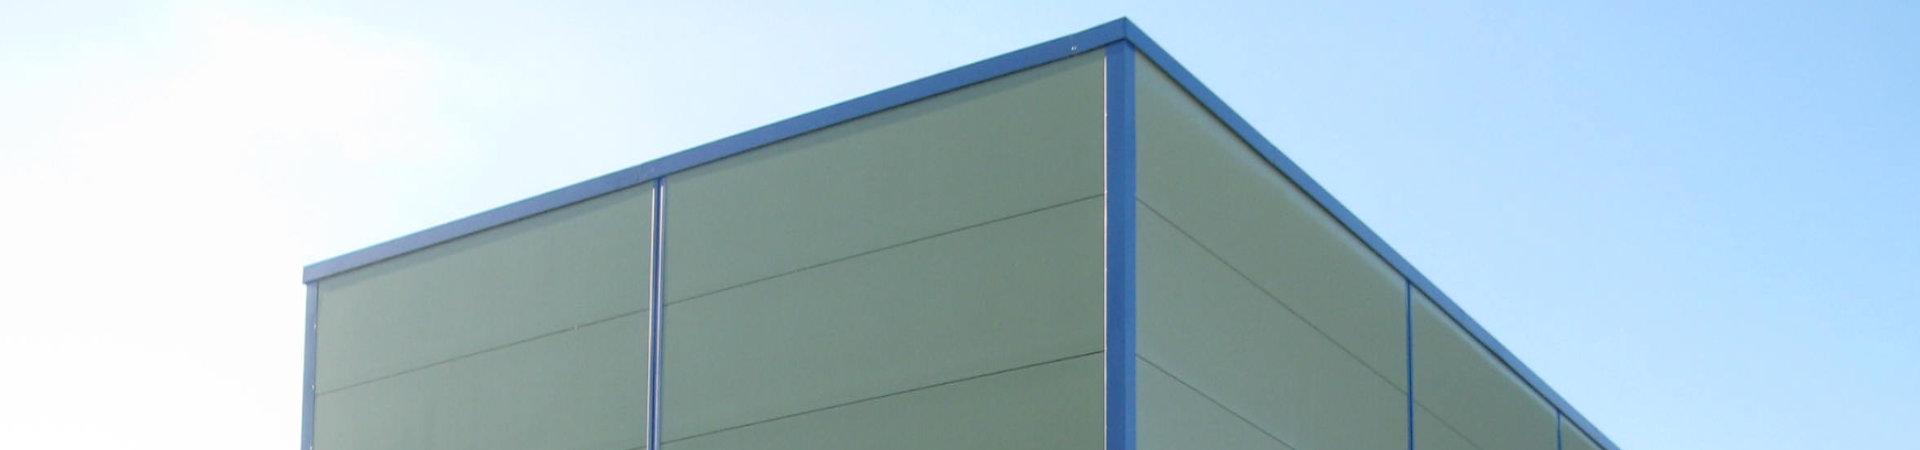 Ingenieurbüro Hammes - Viersen / Mönchengladbach - Neubau Halle